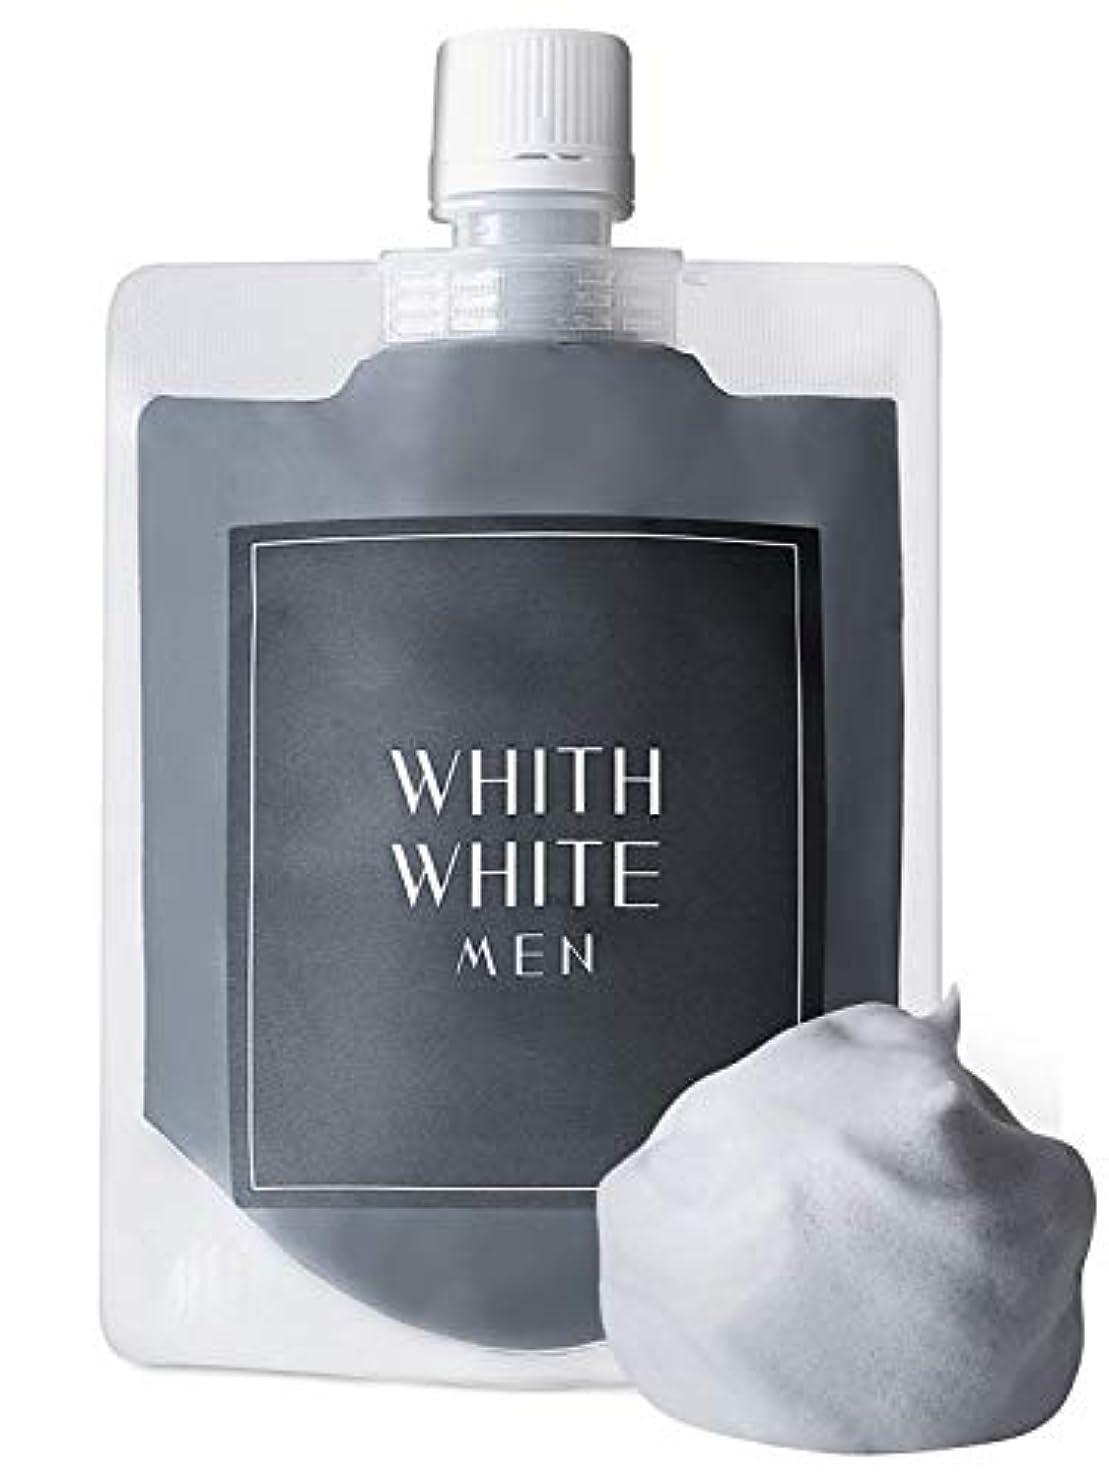 宣言識別名前フィス ホワイト メンズ 泥 洗顔 ネット 付き 8つの 無添加 洗顔フォーム (炭 泡 クレイ で 顔 汚れ を 落とす) (日本製 洗顔料 130g リッチ セット)(どろ で 毛穴 を ごっそり 除去)